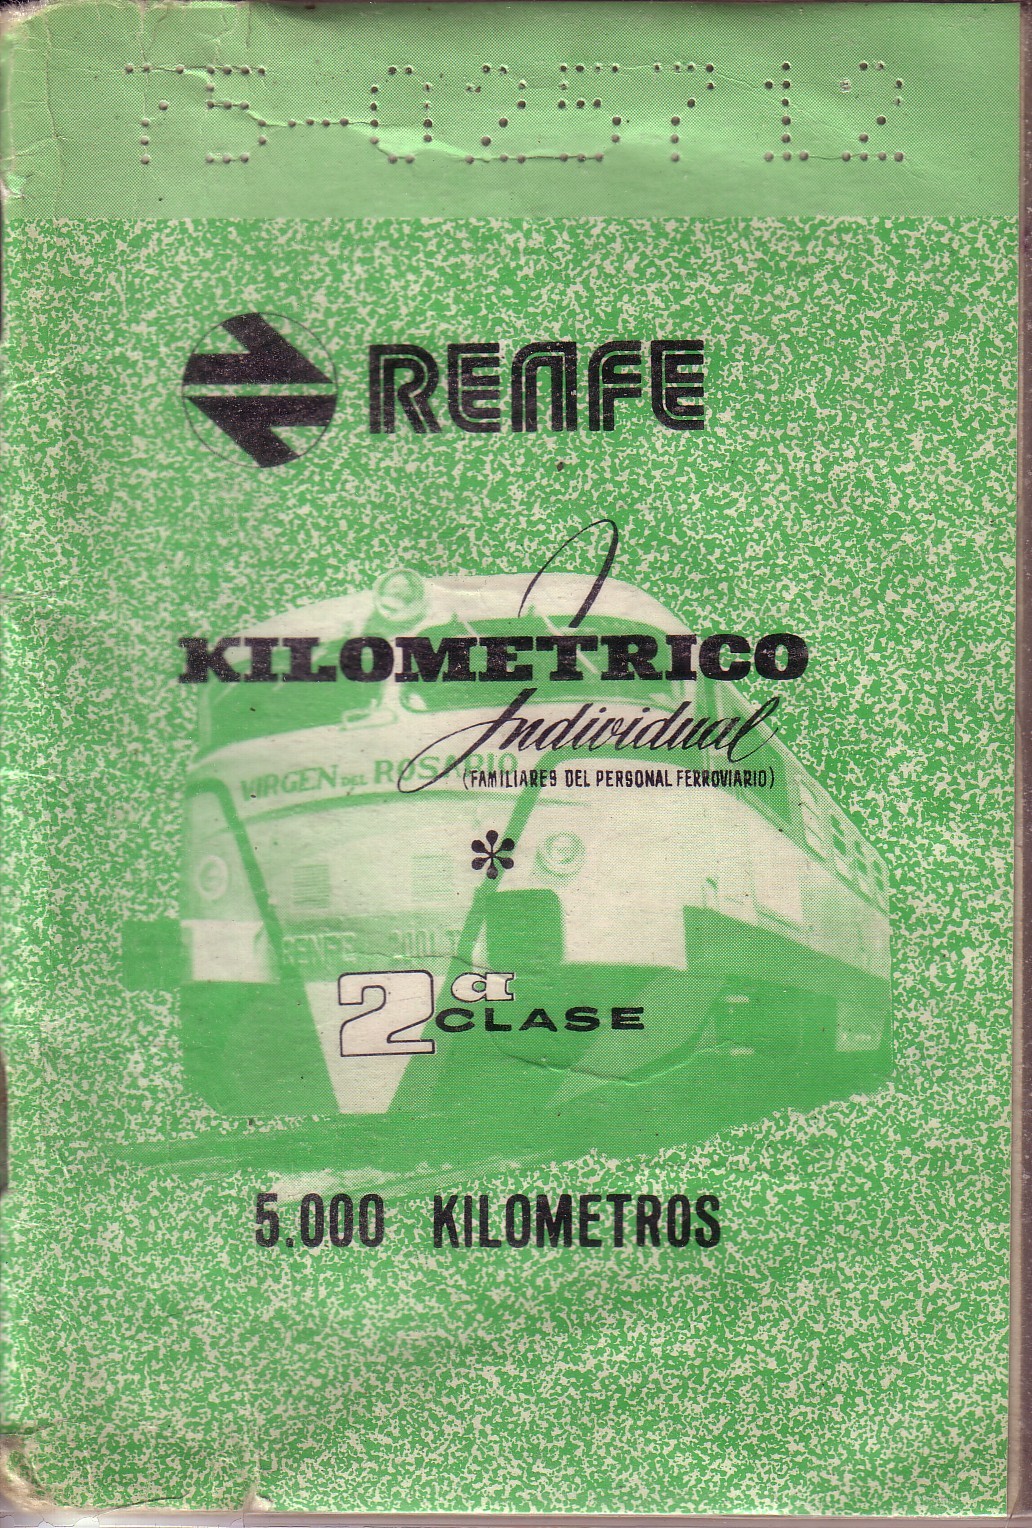 El Kilométrico que usaban los familiares delos ferroviarios